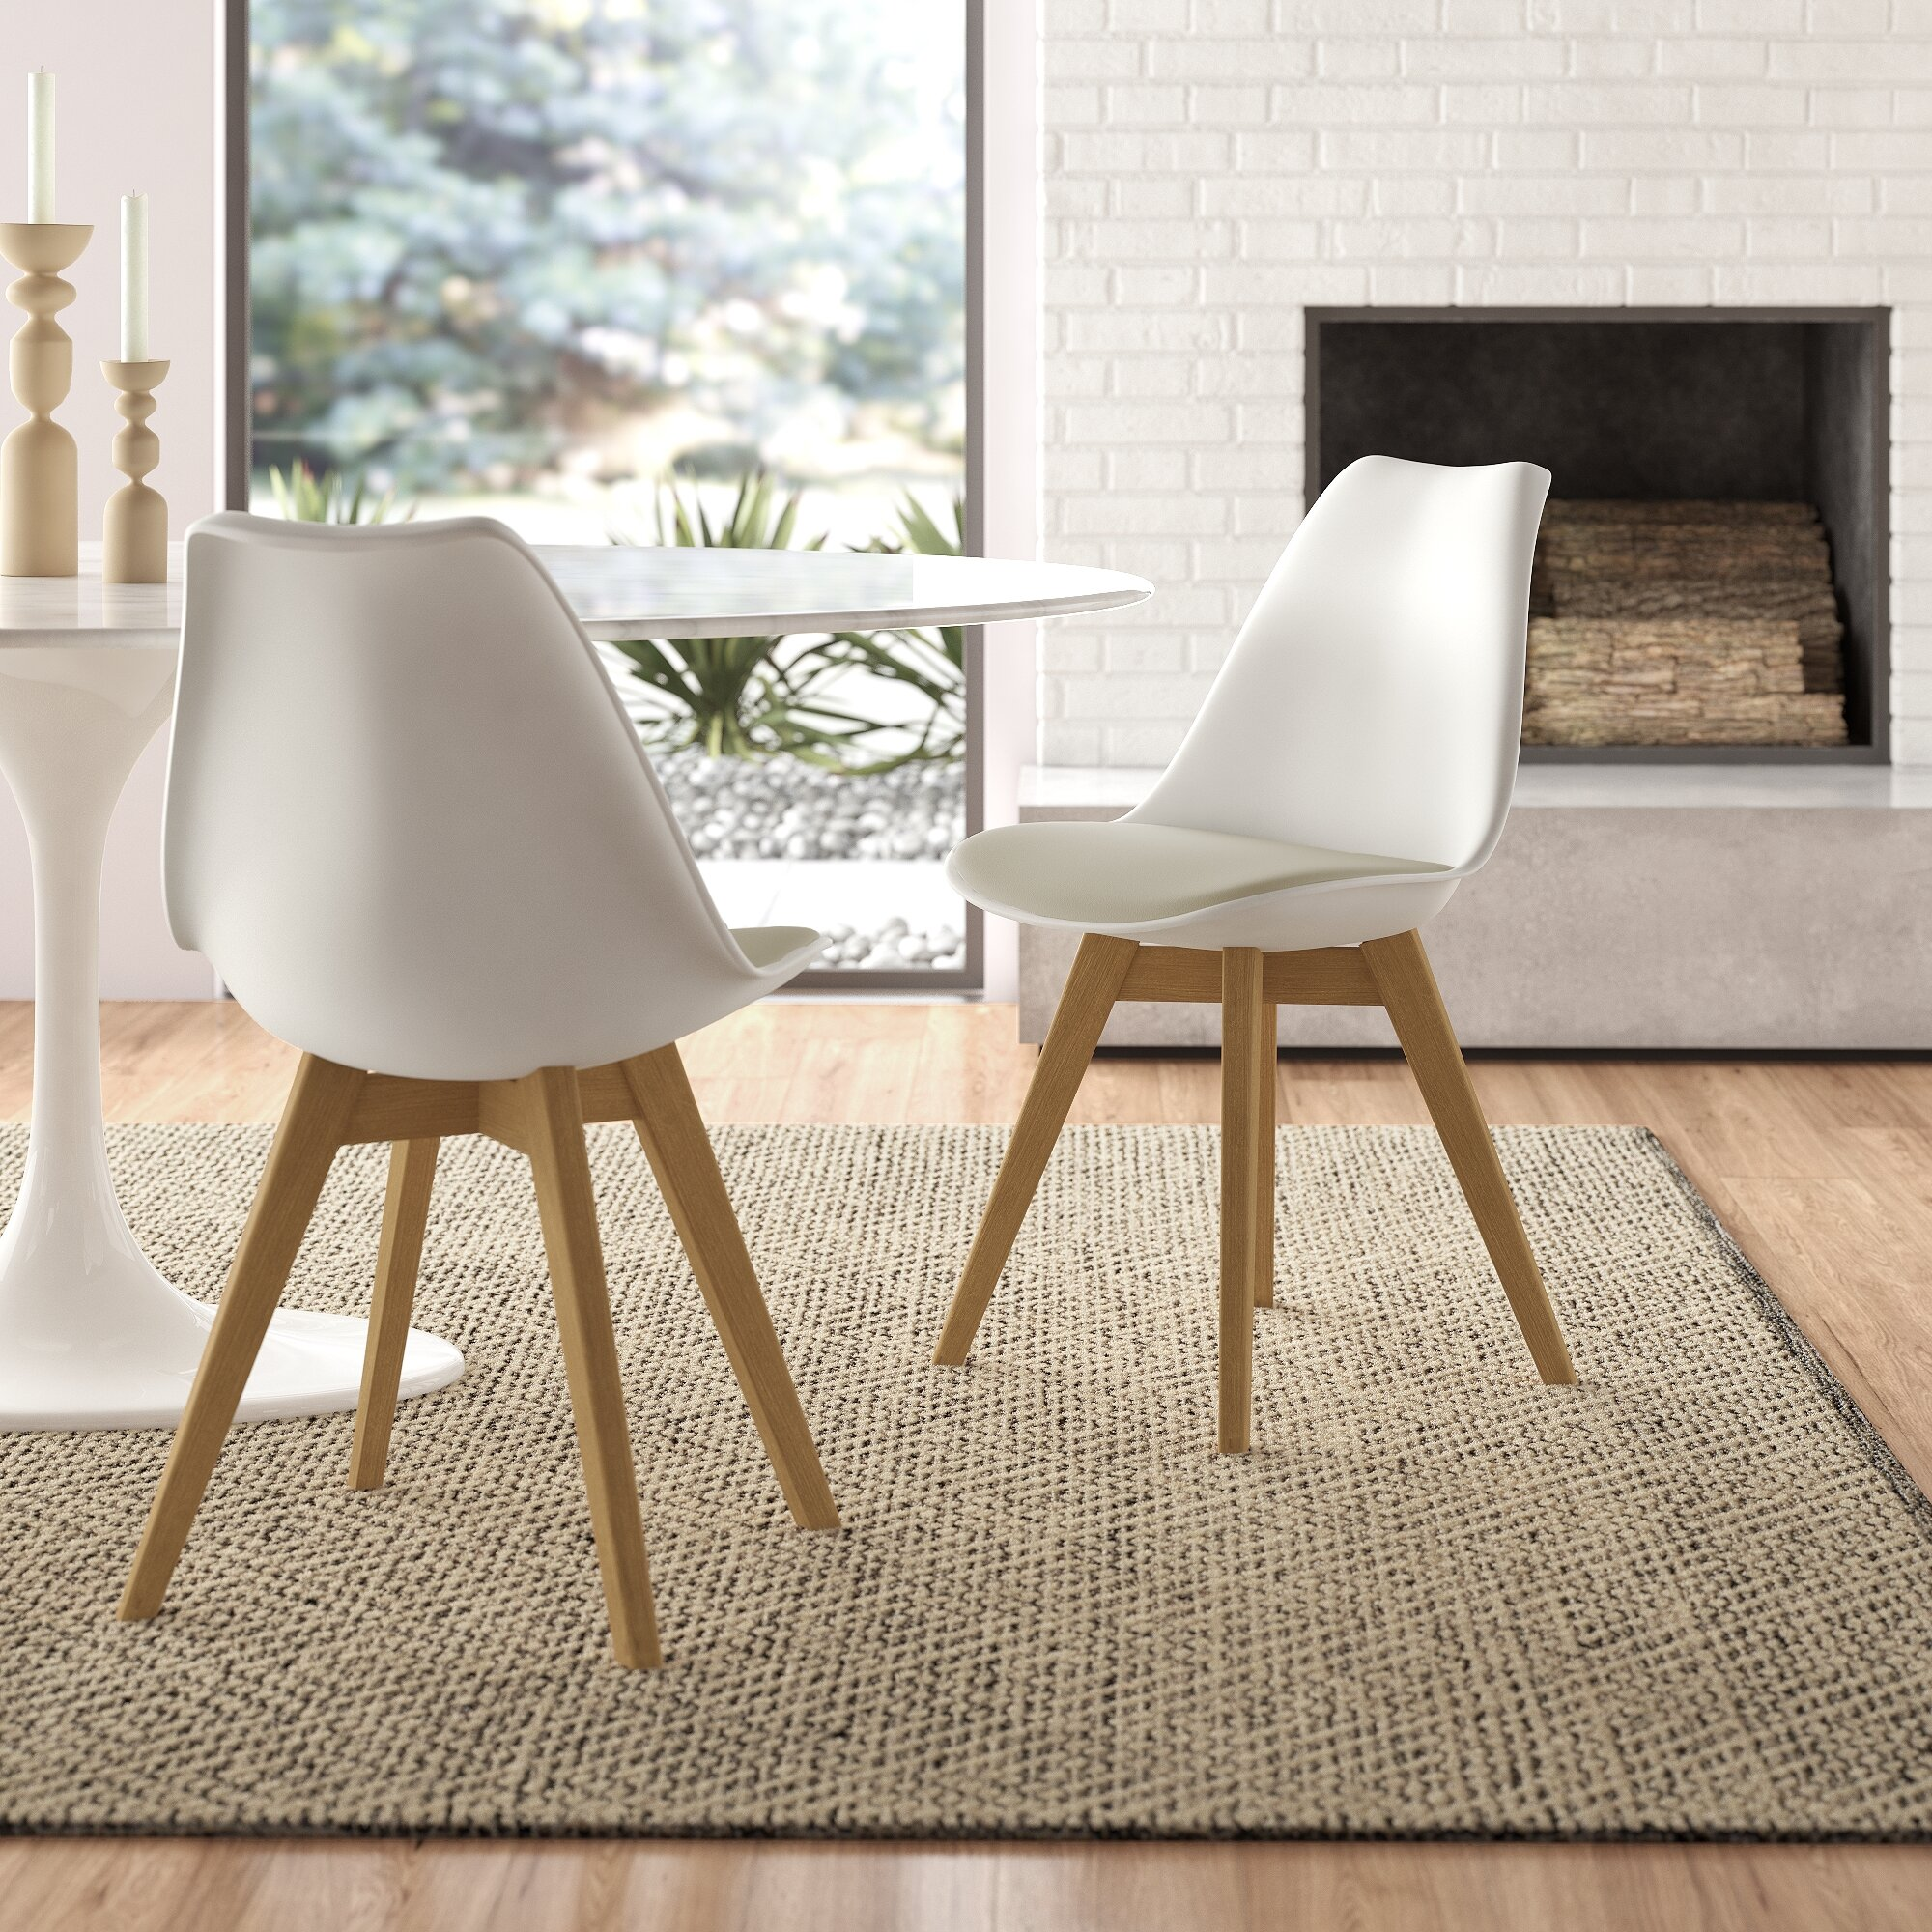 Allmodern Kurt Upholstered Side Chair Reviews Wayfair